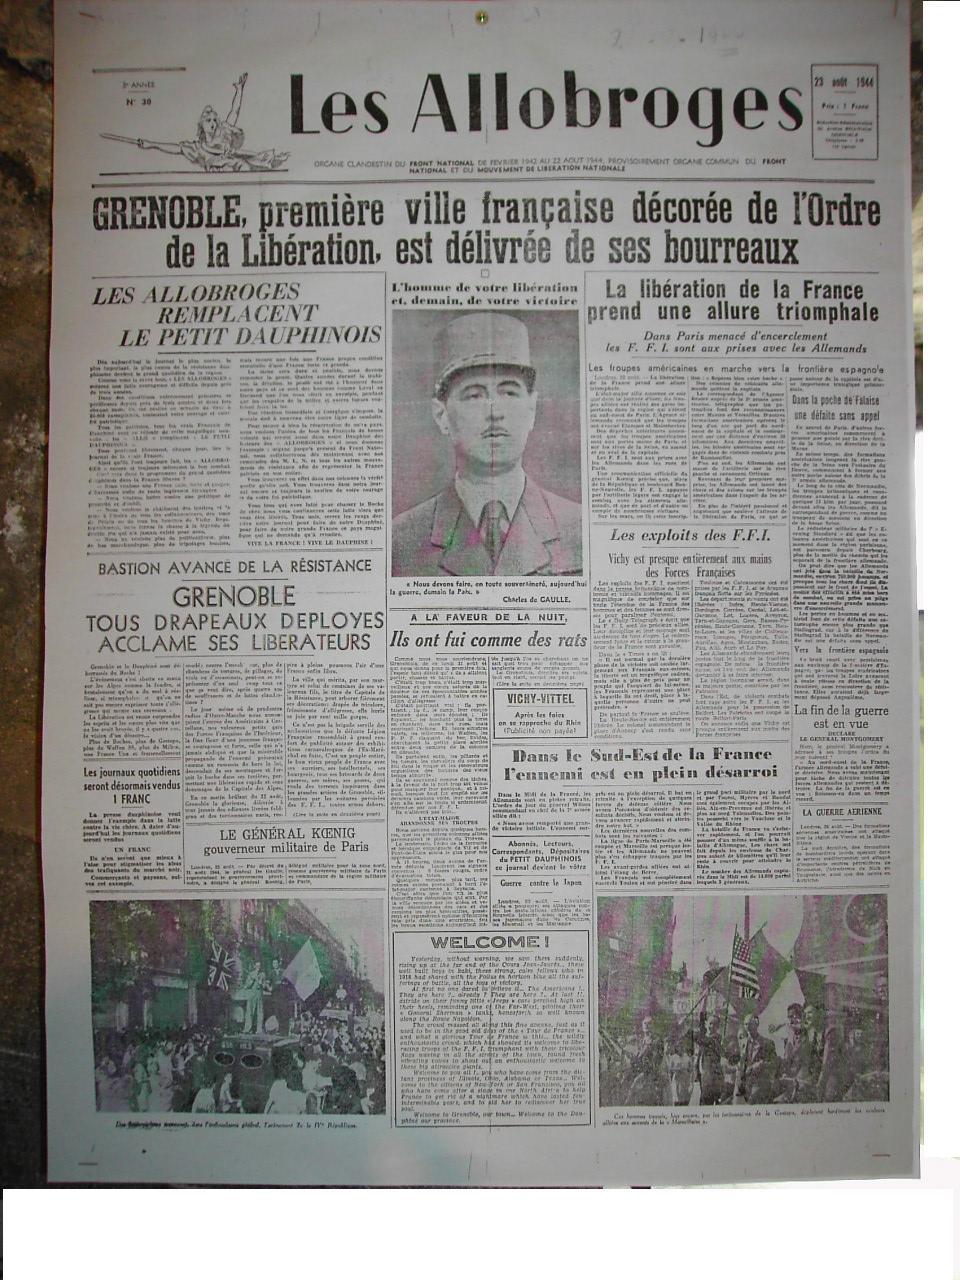 Les_Allobroges_-_Grenoble 1944.JPG